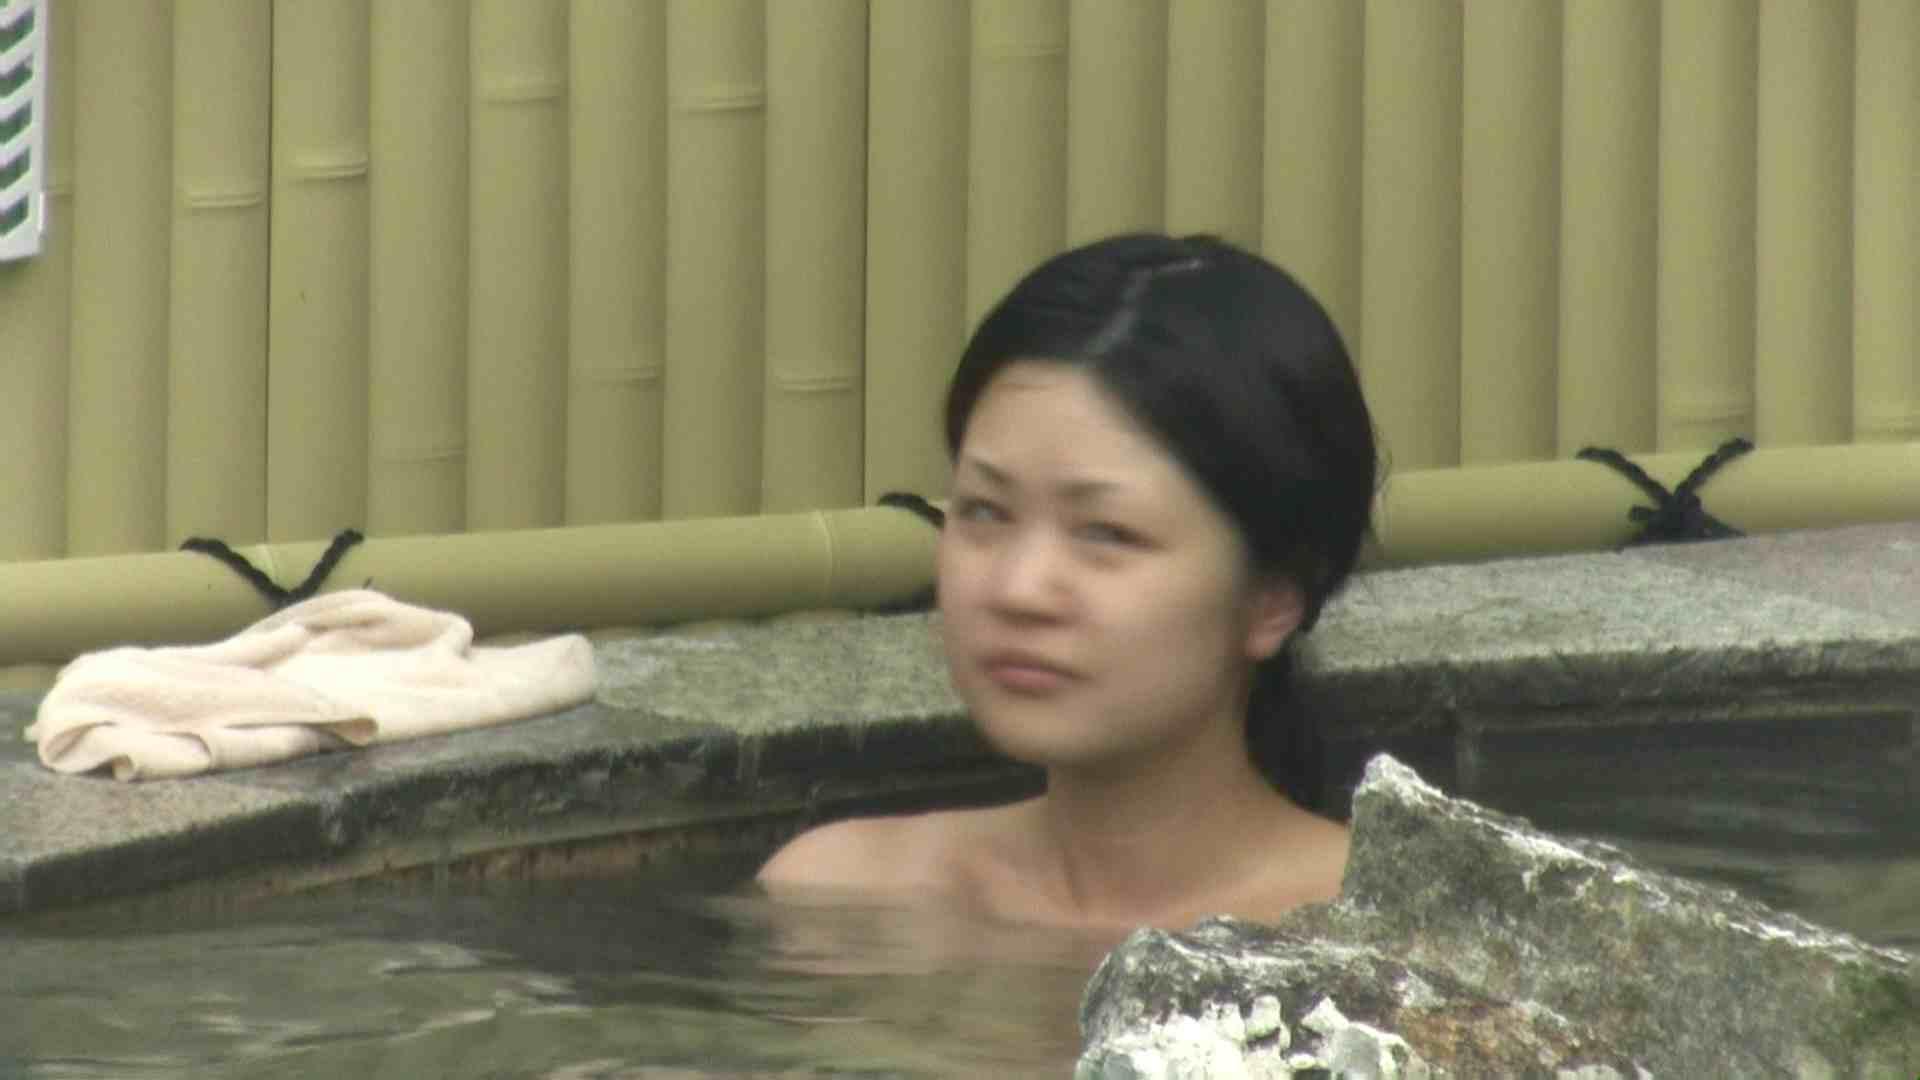 高画質露天女風呂観察 vol.032 女風呂 エロ画像 103pic 52